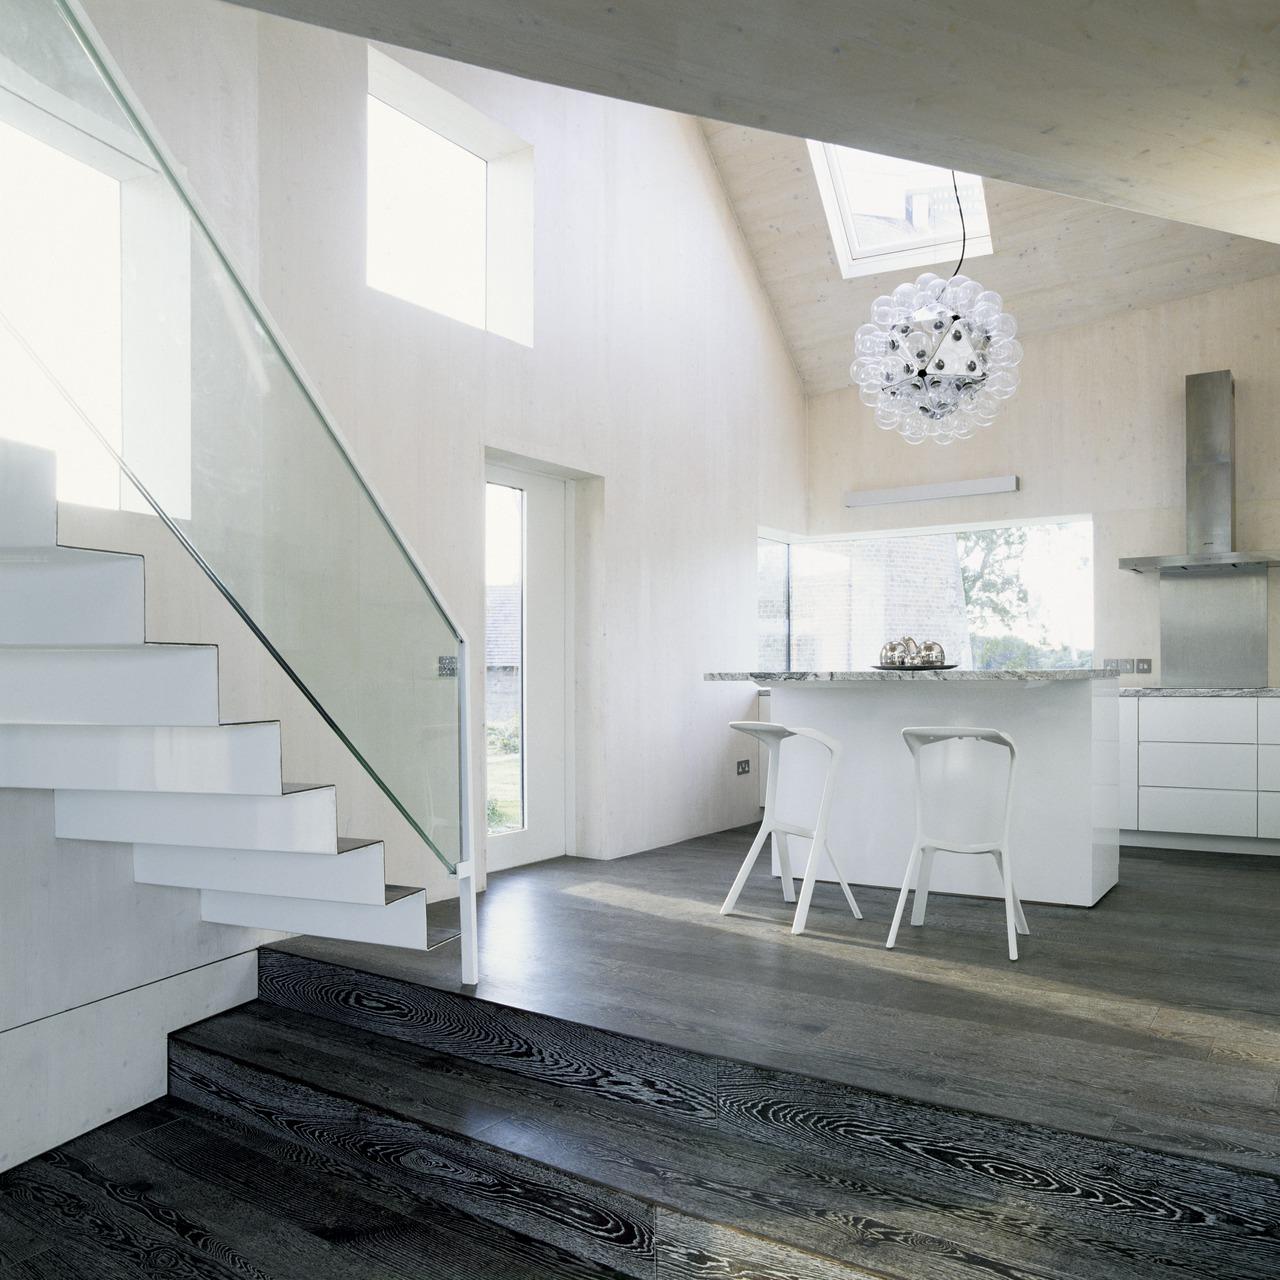 Ispirazione scale - Scale per casa ...